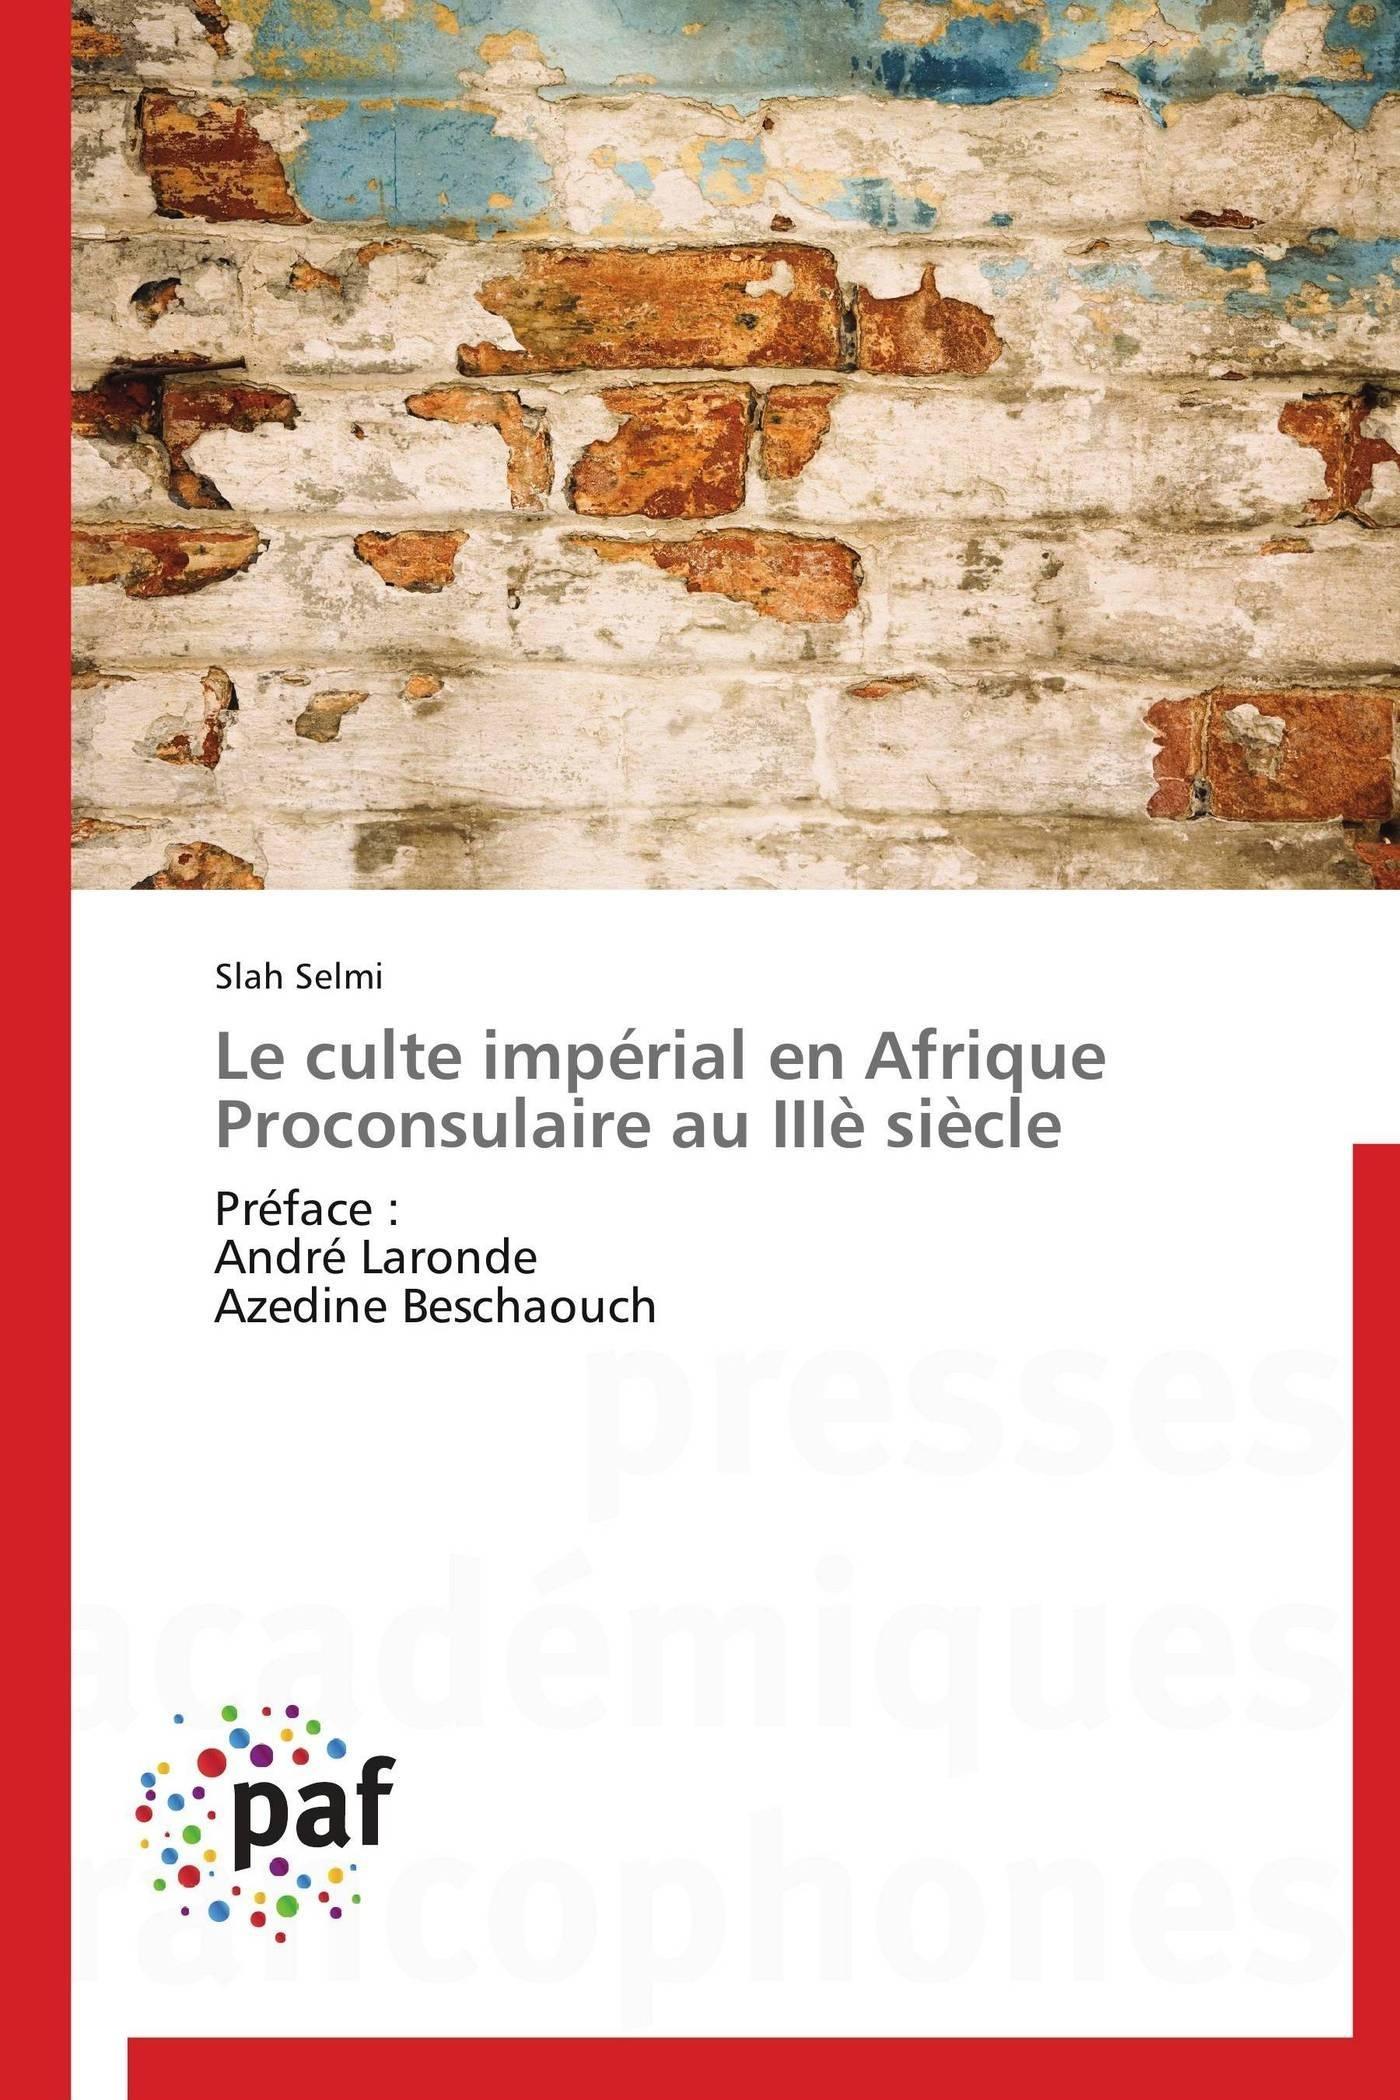 LE CULTE IMPERIAL EN AFRIQUE PROCONSULAIRE AU IIIE SIECLE